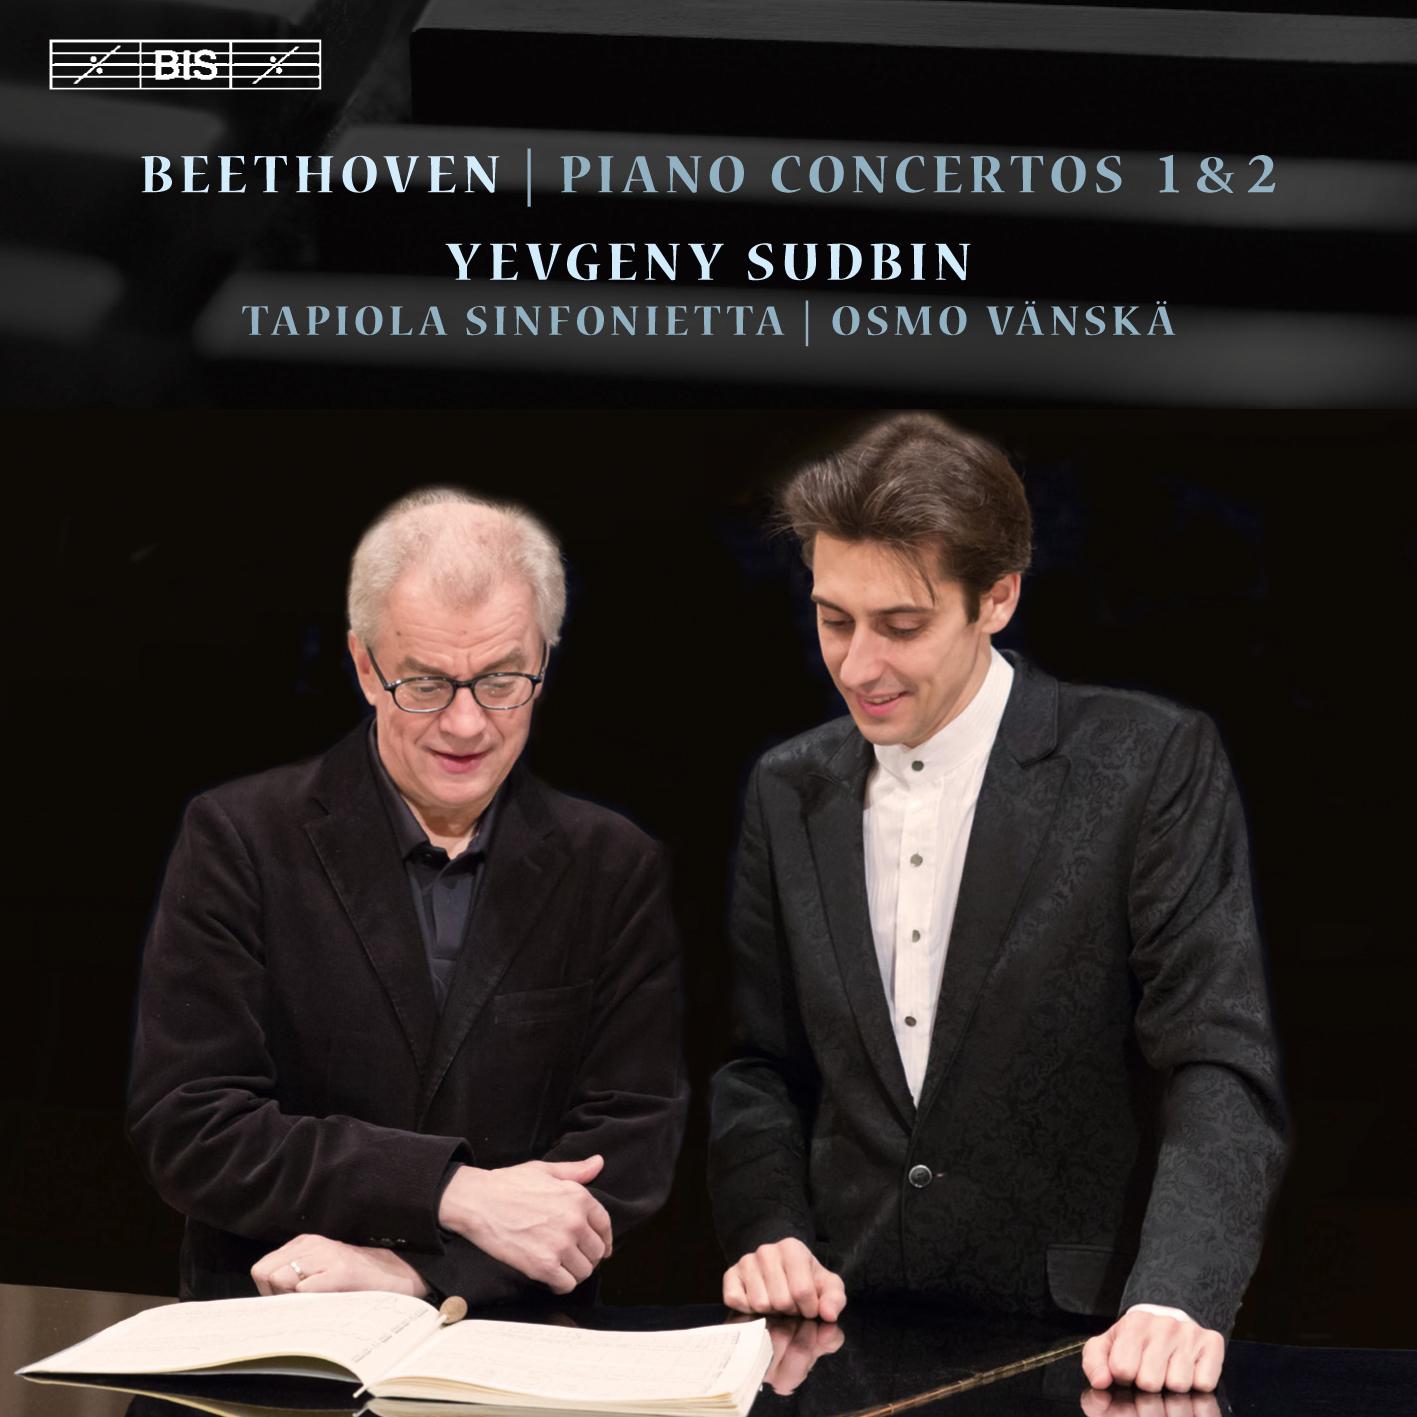 Beethoven: Piano Concertos 1 & 2 - Yevgeny Sudbin